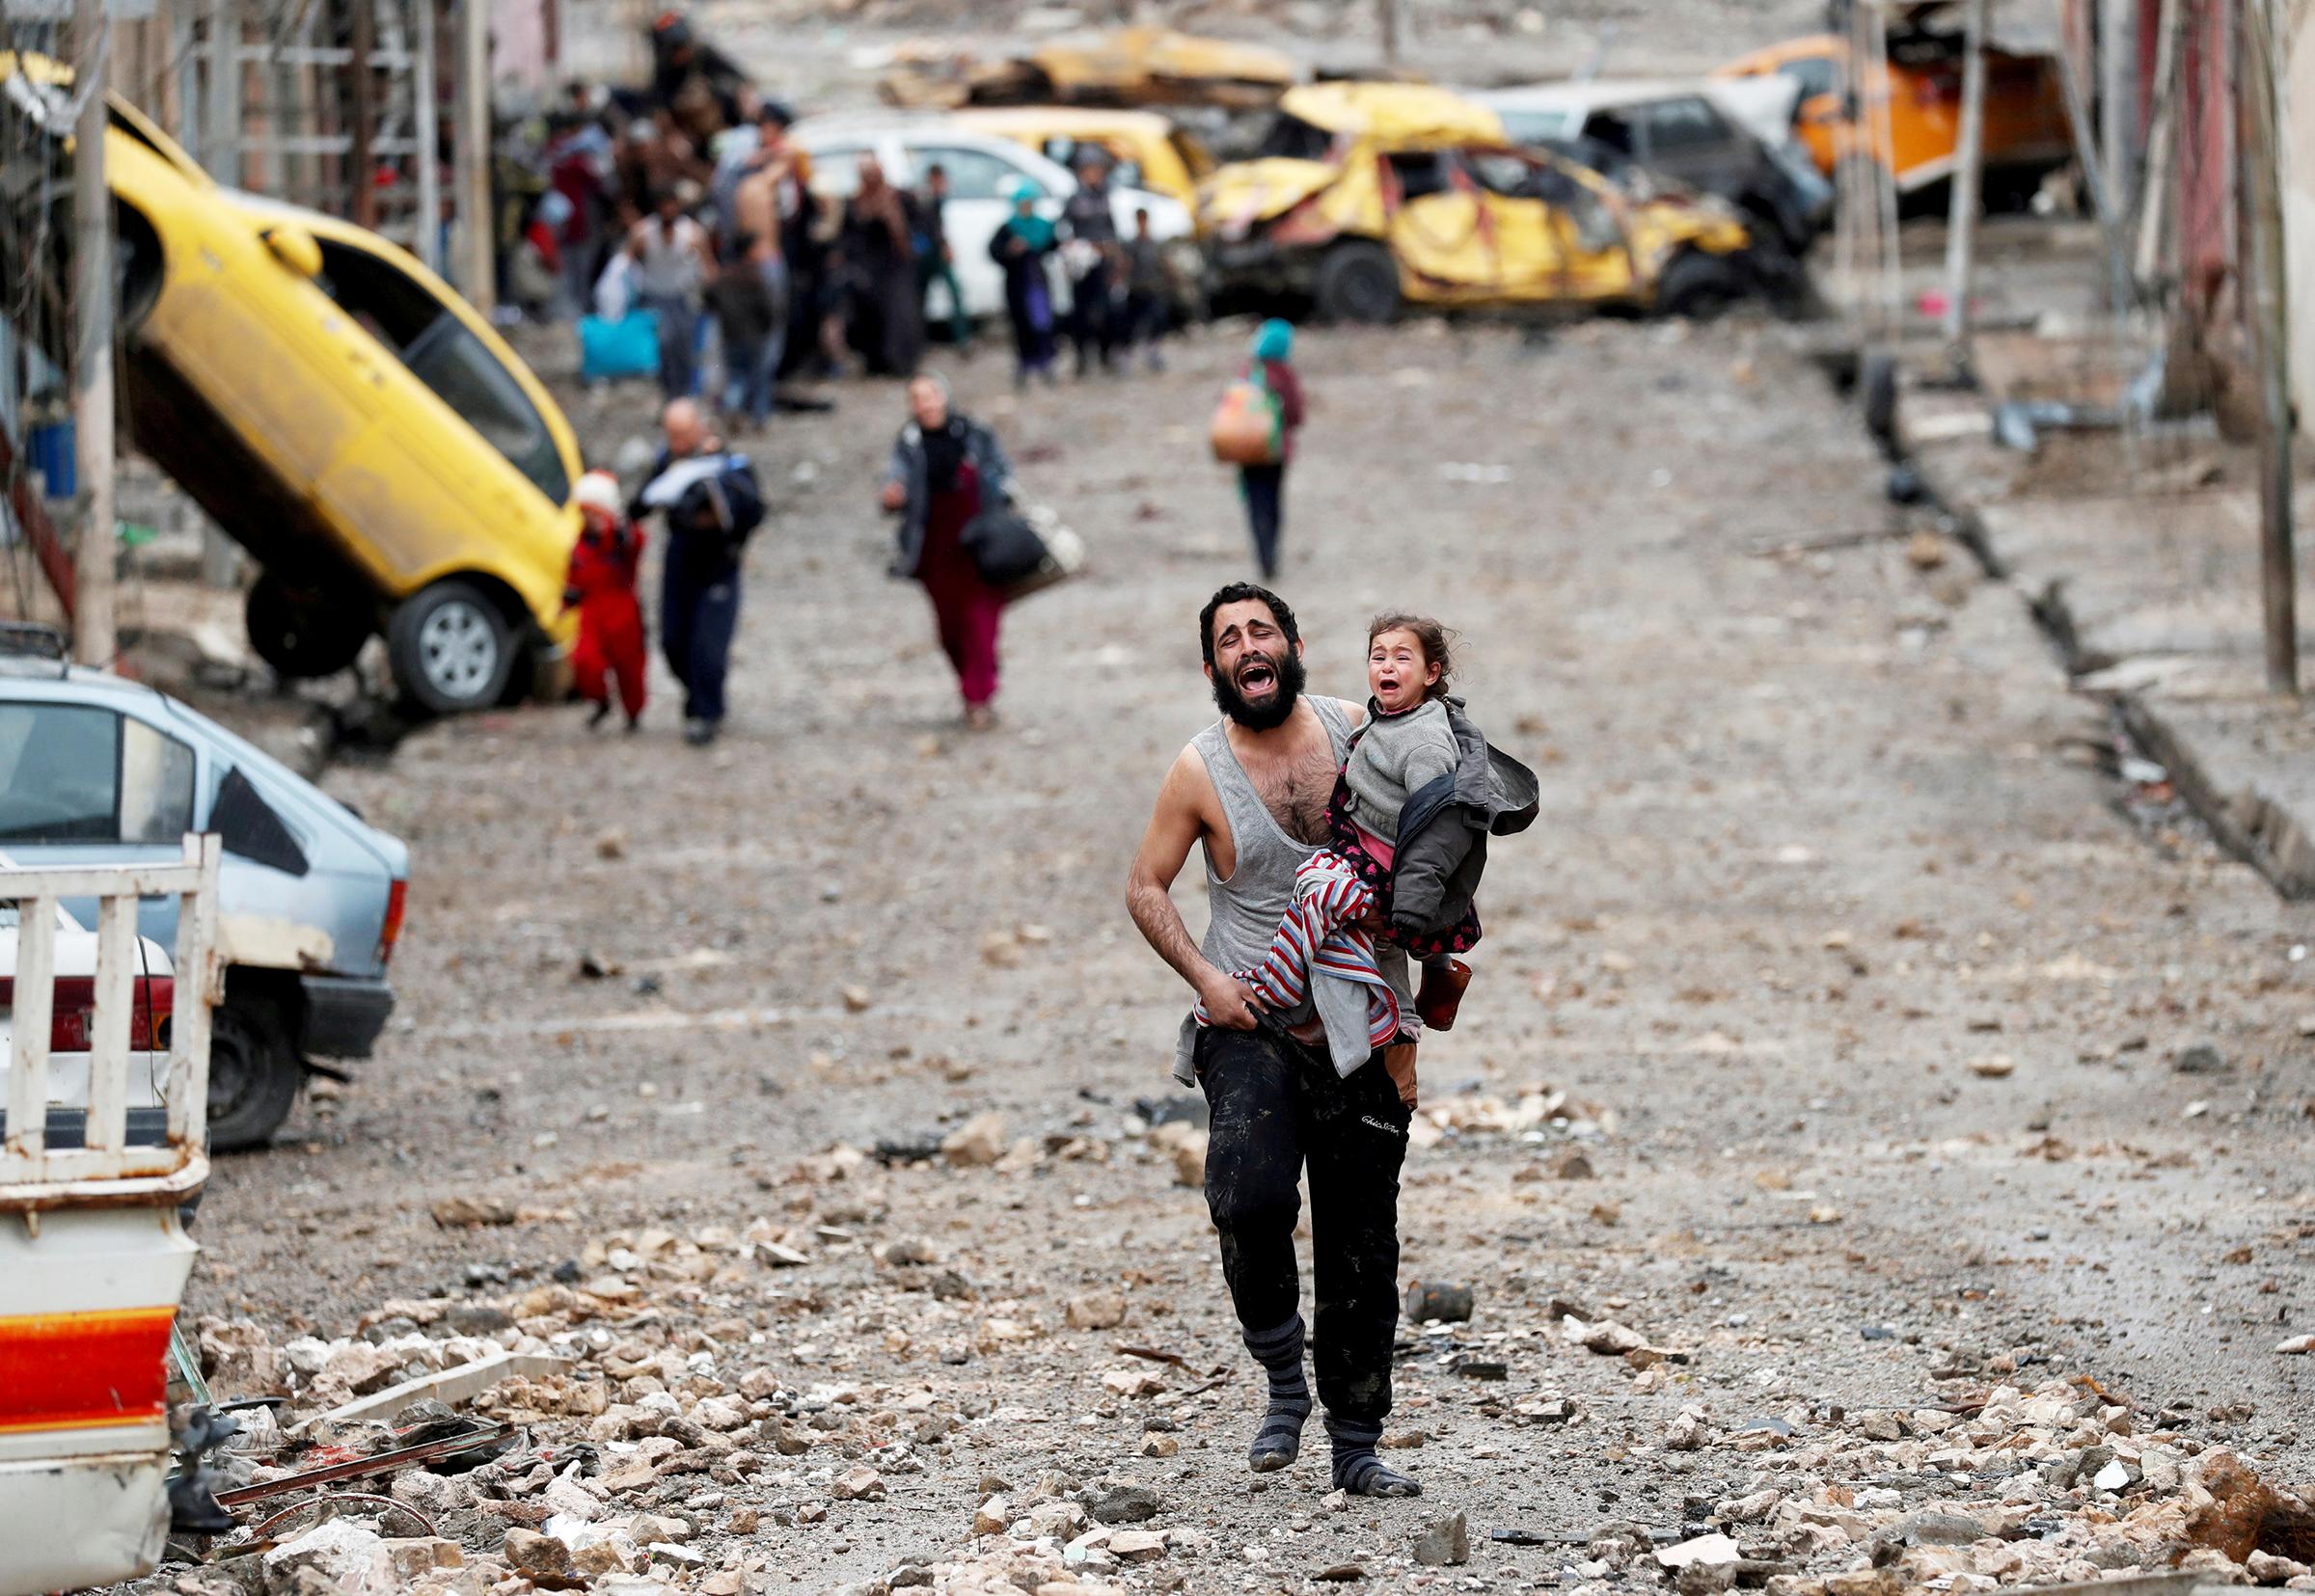 Автор фото Горан Томашевич: «Оба, отец и дочь, в ужасе бежали по разбитой улочке Вади-Хаджара, за мгновение превратившегося в поле битвы между солдатами ИГ и иракскими спецслужбами.  Они и их соседи — кто-то в сандалиях, а кто-то босиком — спасались, убегая от пуль. <…> Отец был не в себе, он был в панике. Он очевидно не был террористом. Мне хотелосьбы верить, что оба они добрались до лагеря беженцев».